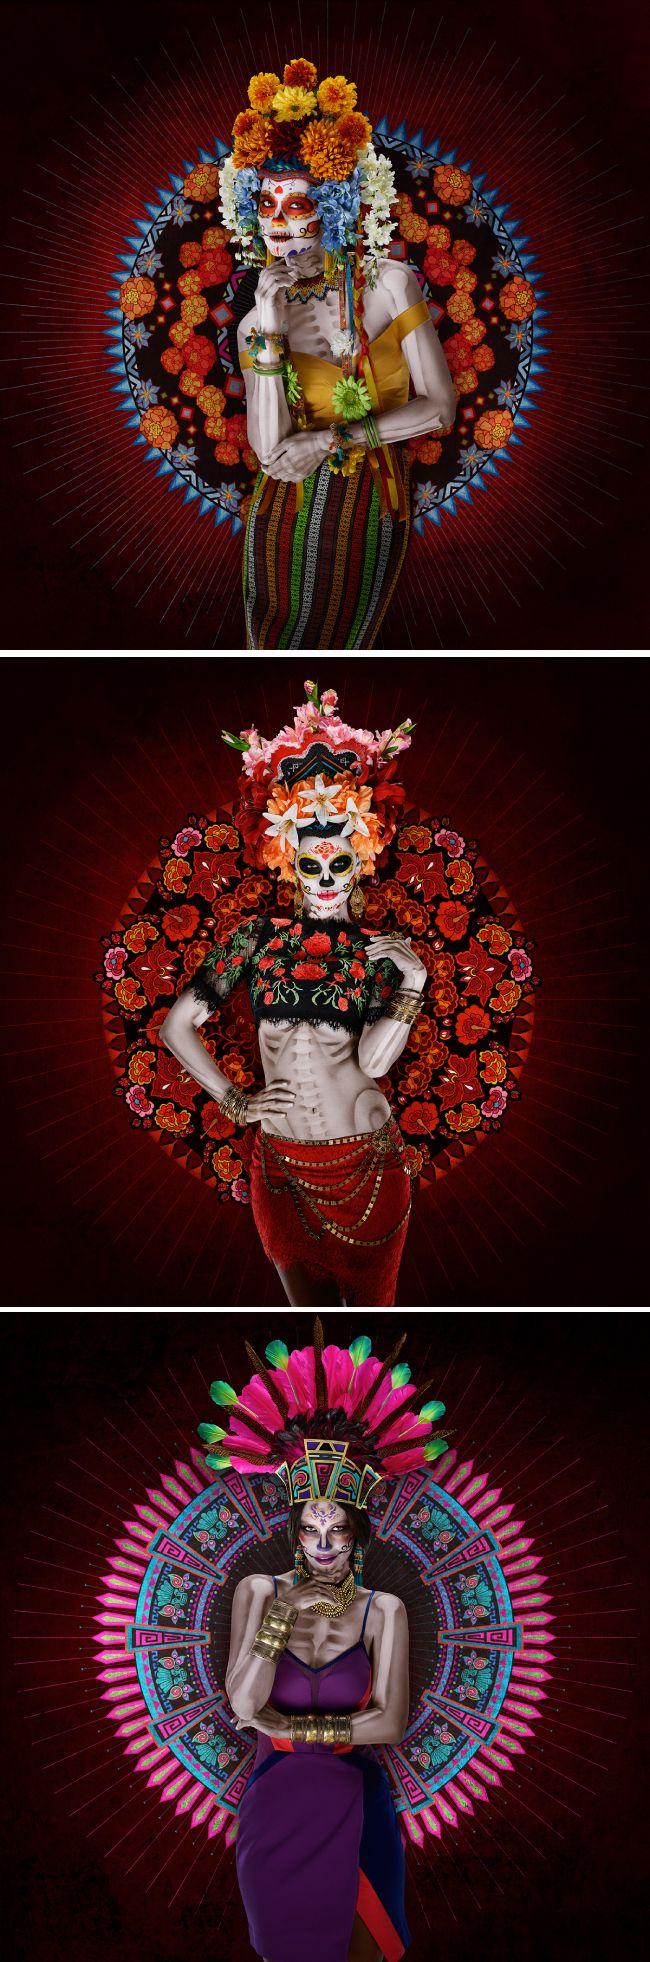 10 Ilustraciones tributo al Día de Muertos 2015 - Diseño Latinoamerica